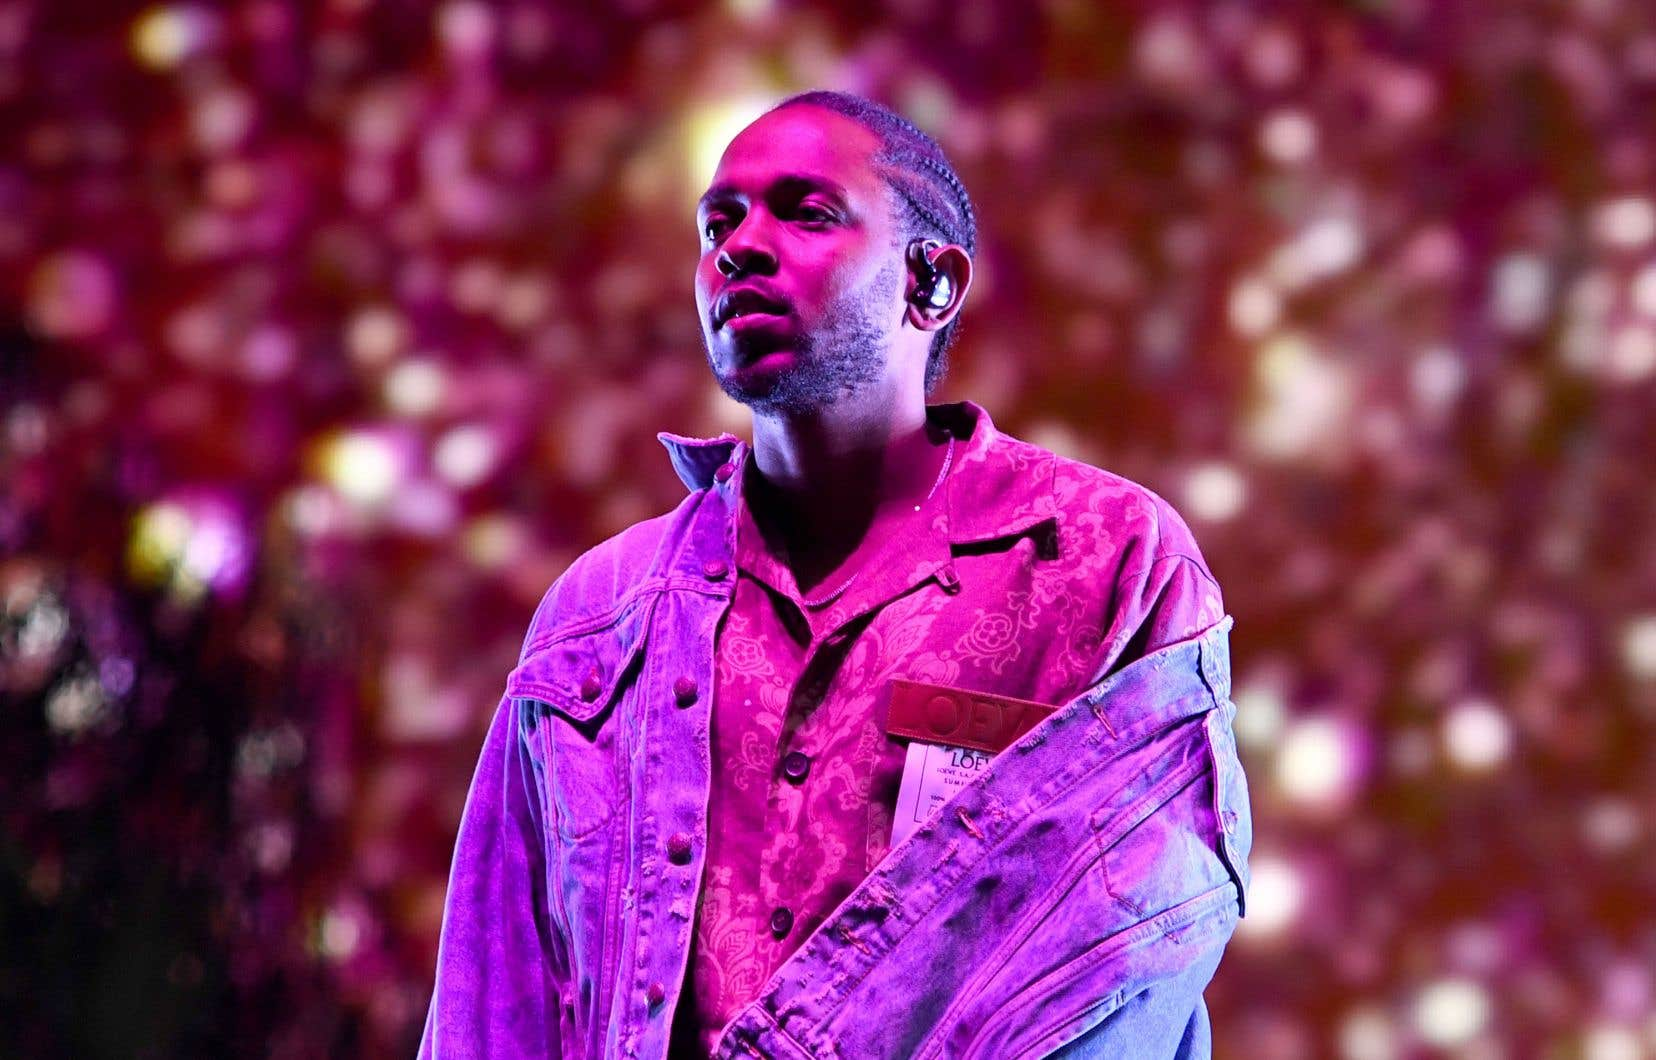 Le rappeur californien Kendrick Lamar est devenu un étendard à médailles systématique dans l'Amérique contemporaine.